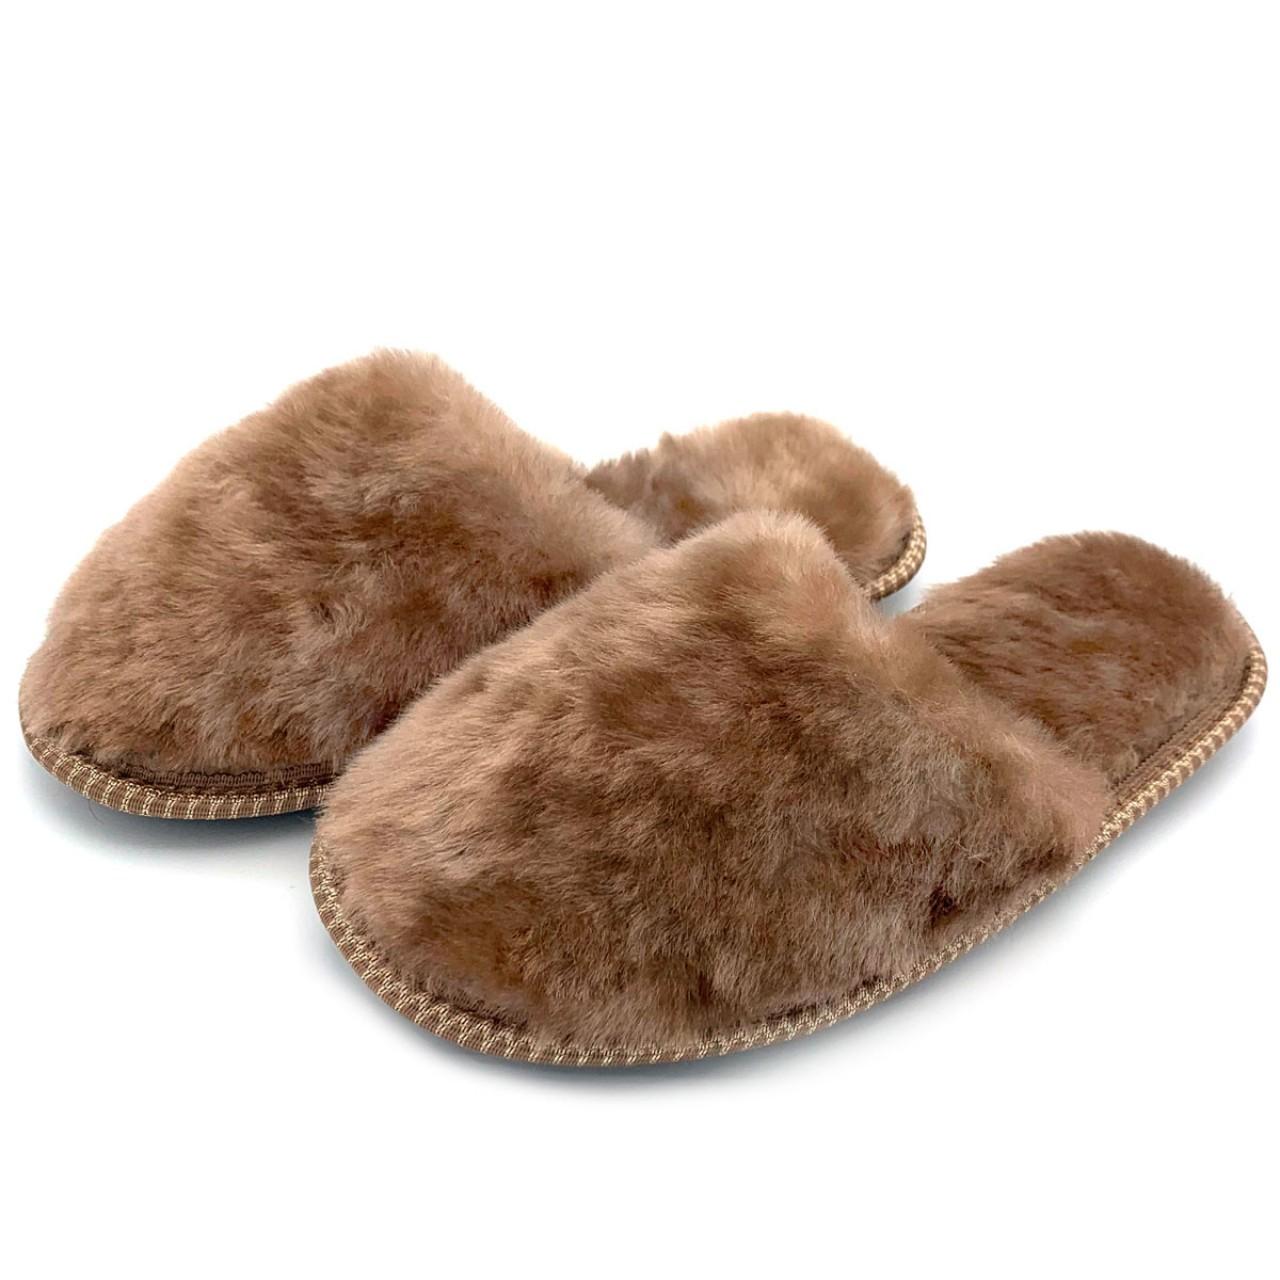 Тапочки из овчины коричневые на резиновой подошве